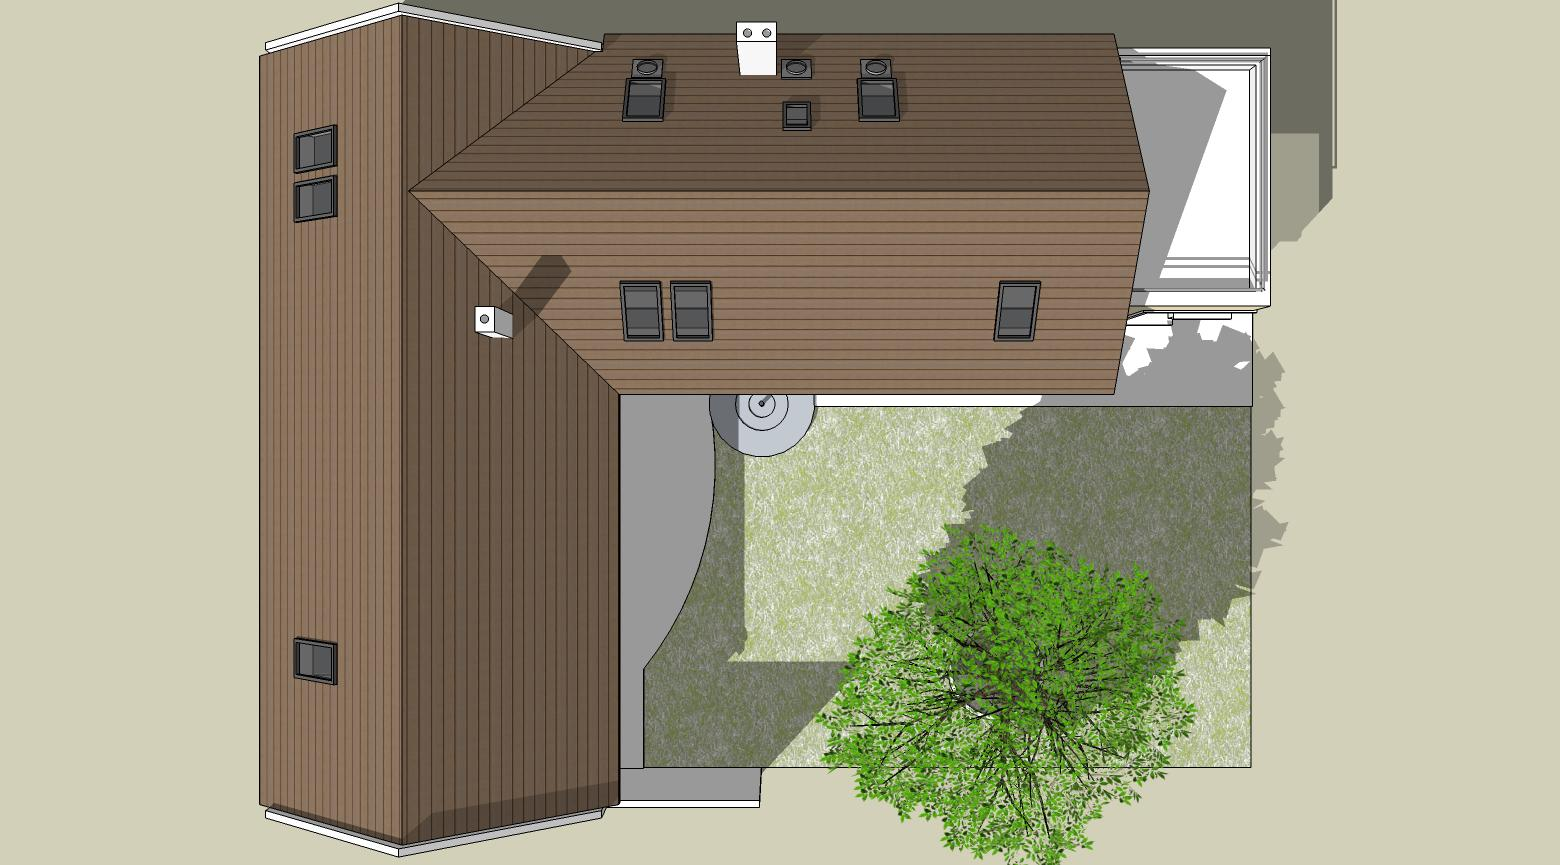 Náš budúci domov - rekonštrukcia rodinného domu - Obrázok č. 72